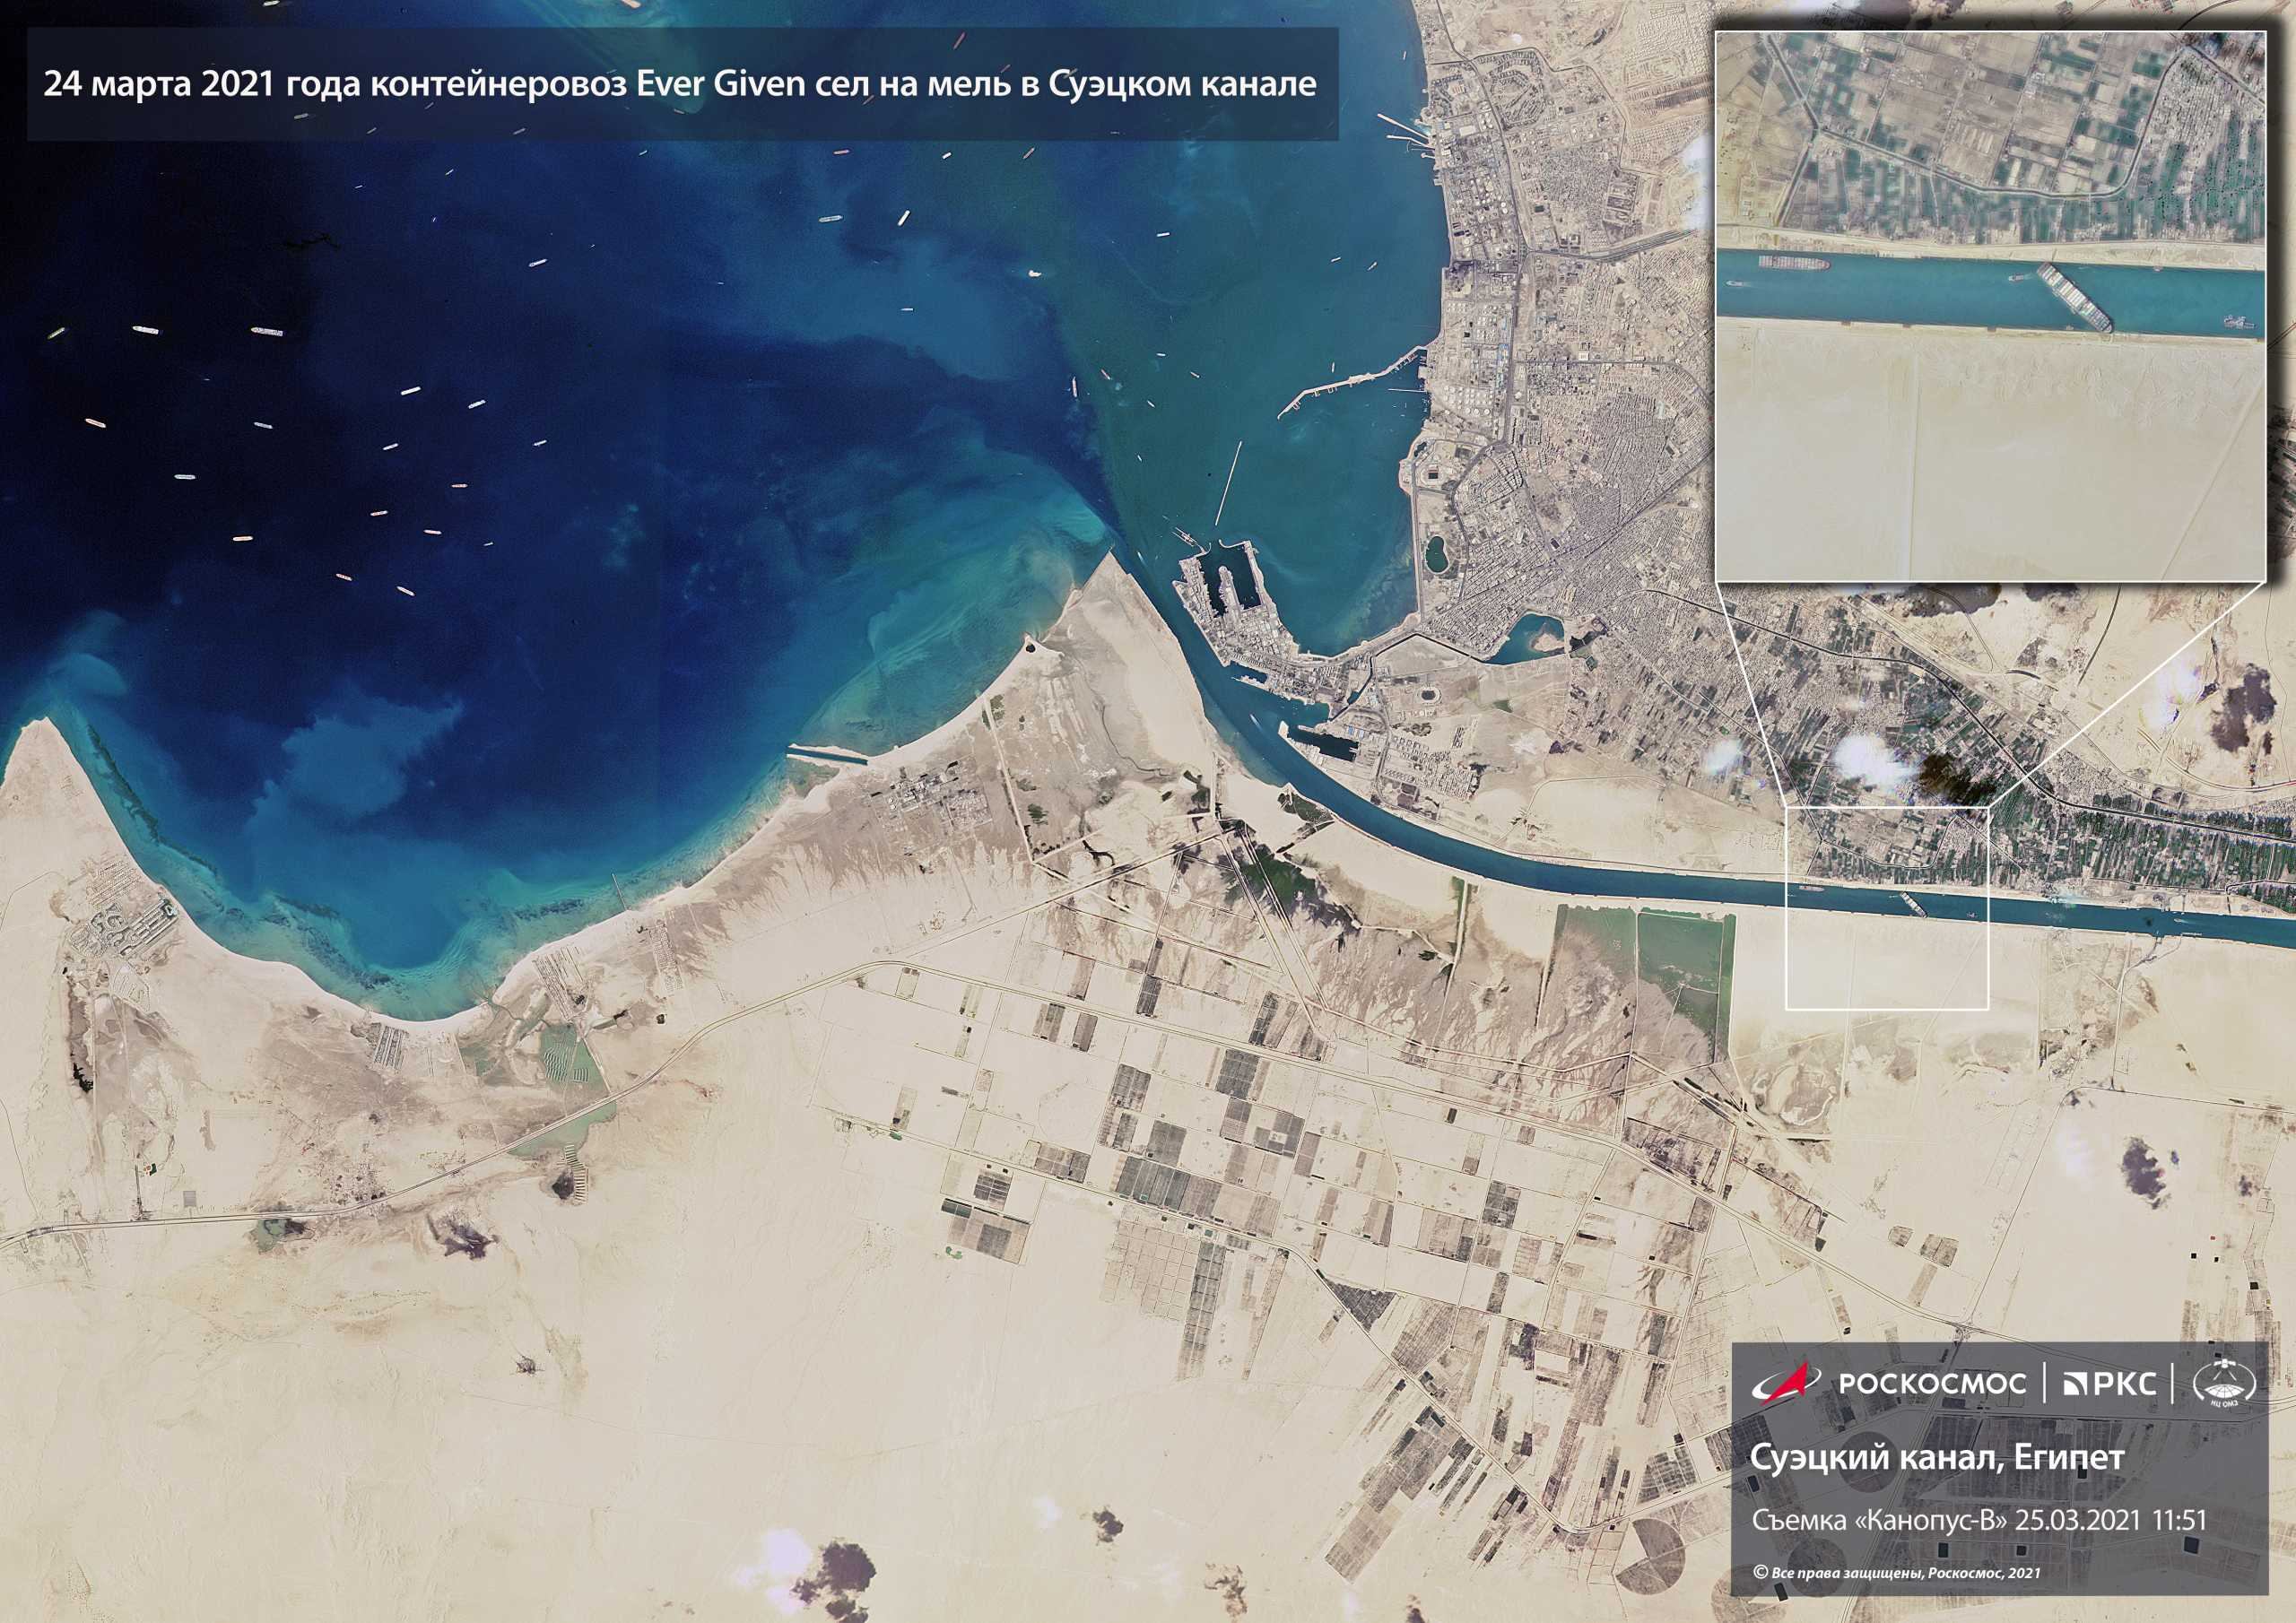 Διώρυγα του Σουέζ: Τι μεταφέρουν τα πλοία που περιμένουν να περάσουν